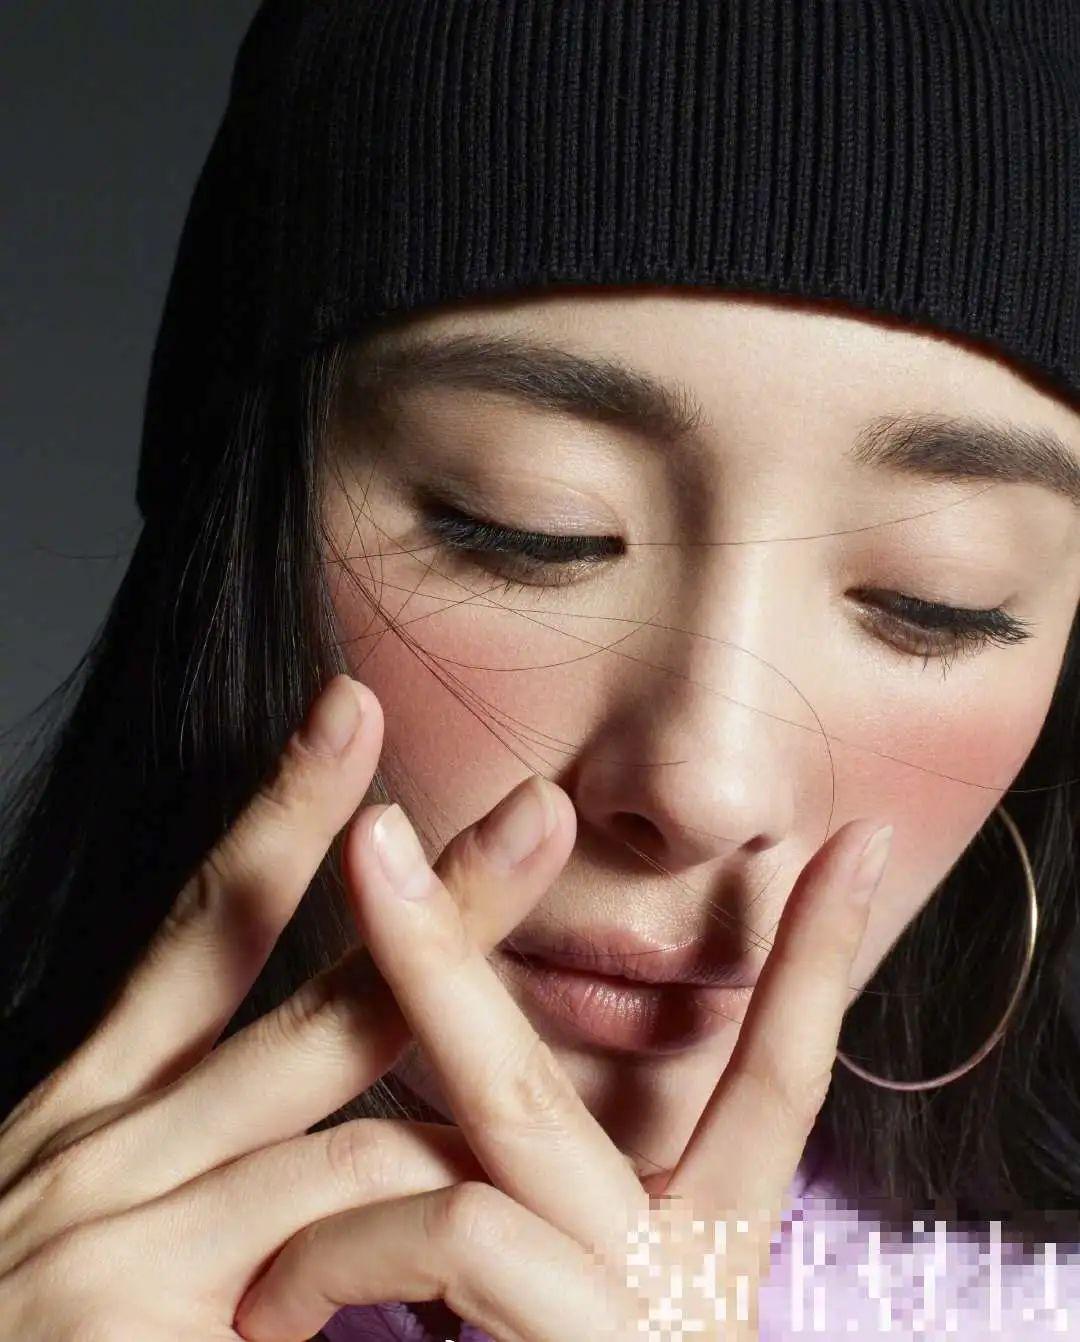 原创杨幂最新杂志大玩复古!鼻子高挺皮肤紧致,瘪嘴缺陷暴露拉低颜值